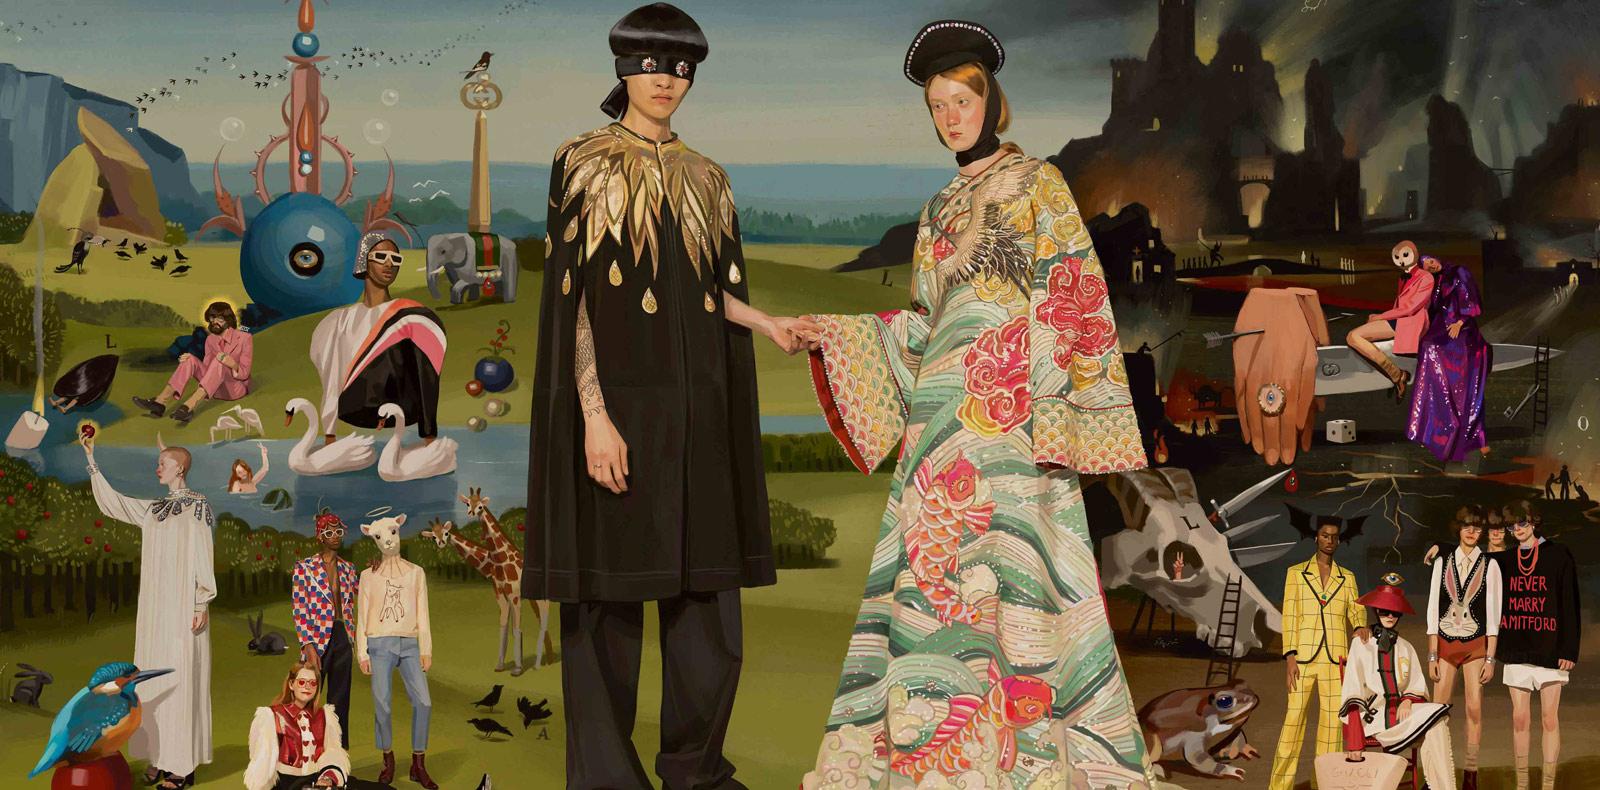 Illustration digitale réalisées autour de la collection printemps-été 2018 de Gucci par le jeune artiste espagnol Ignasi Monreal.